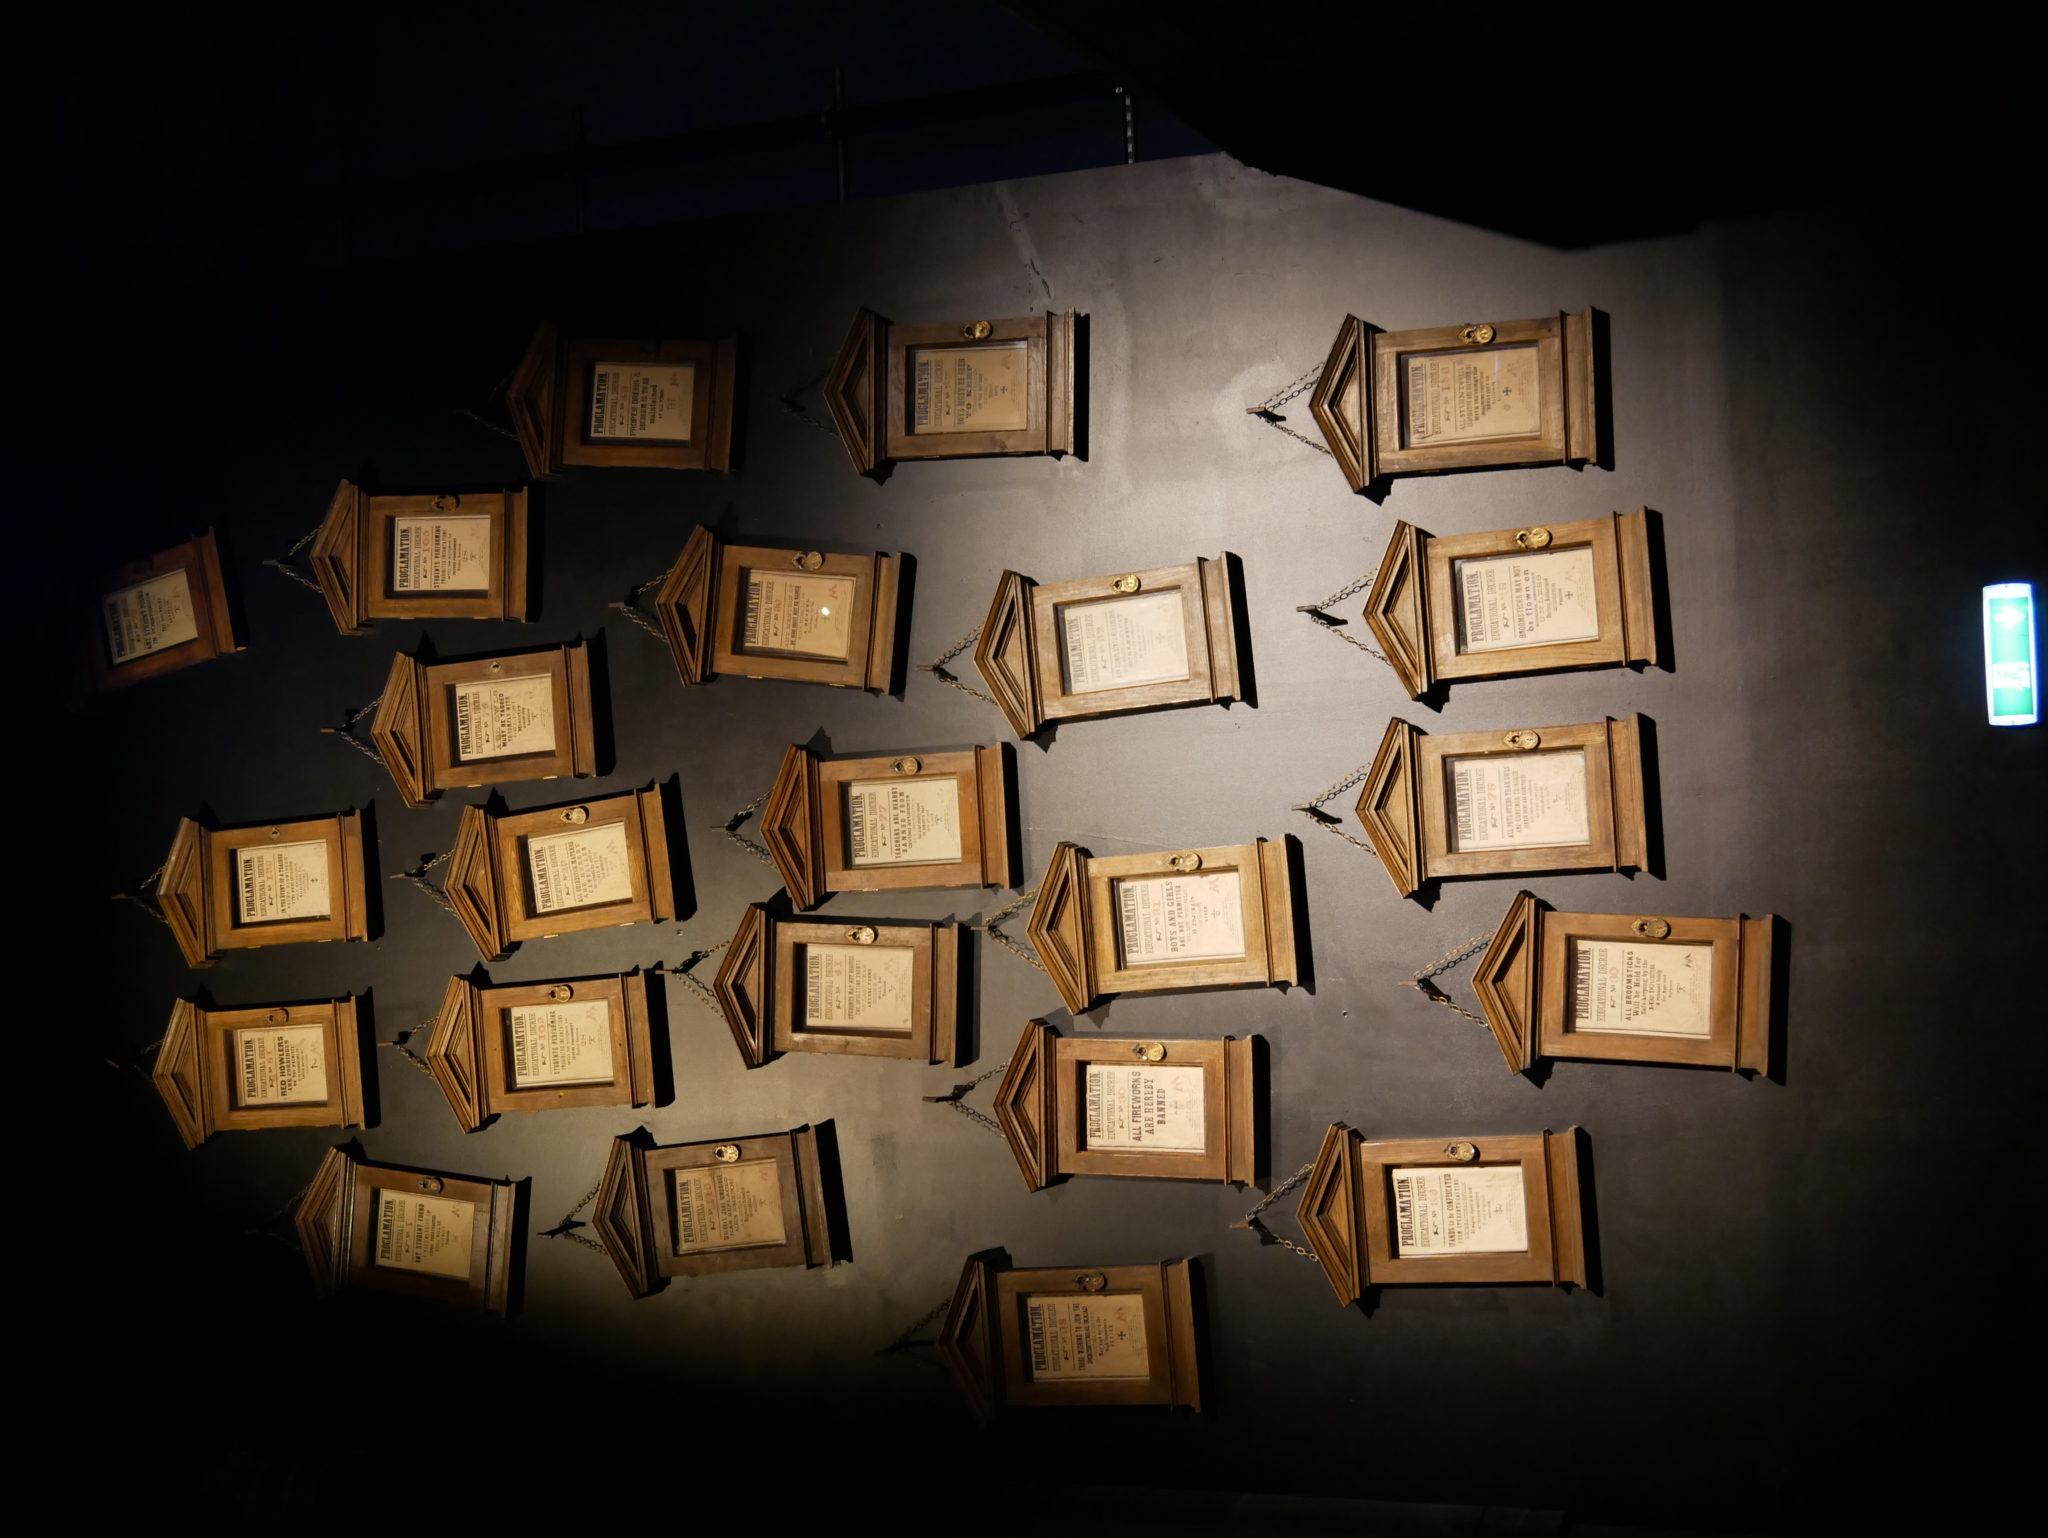 Le murs des interdictions de Dolores Ombrage